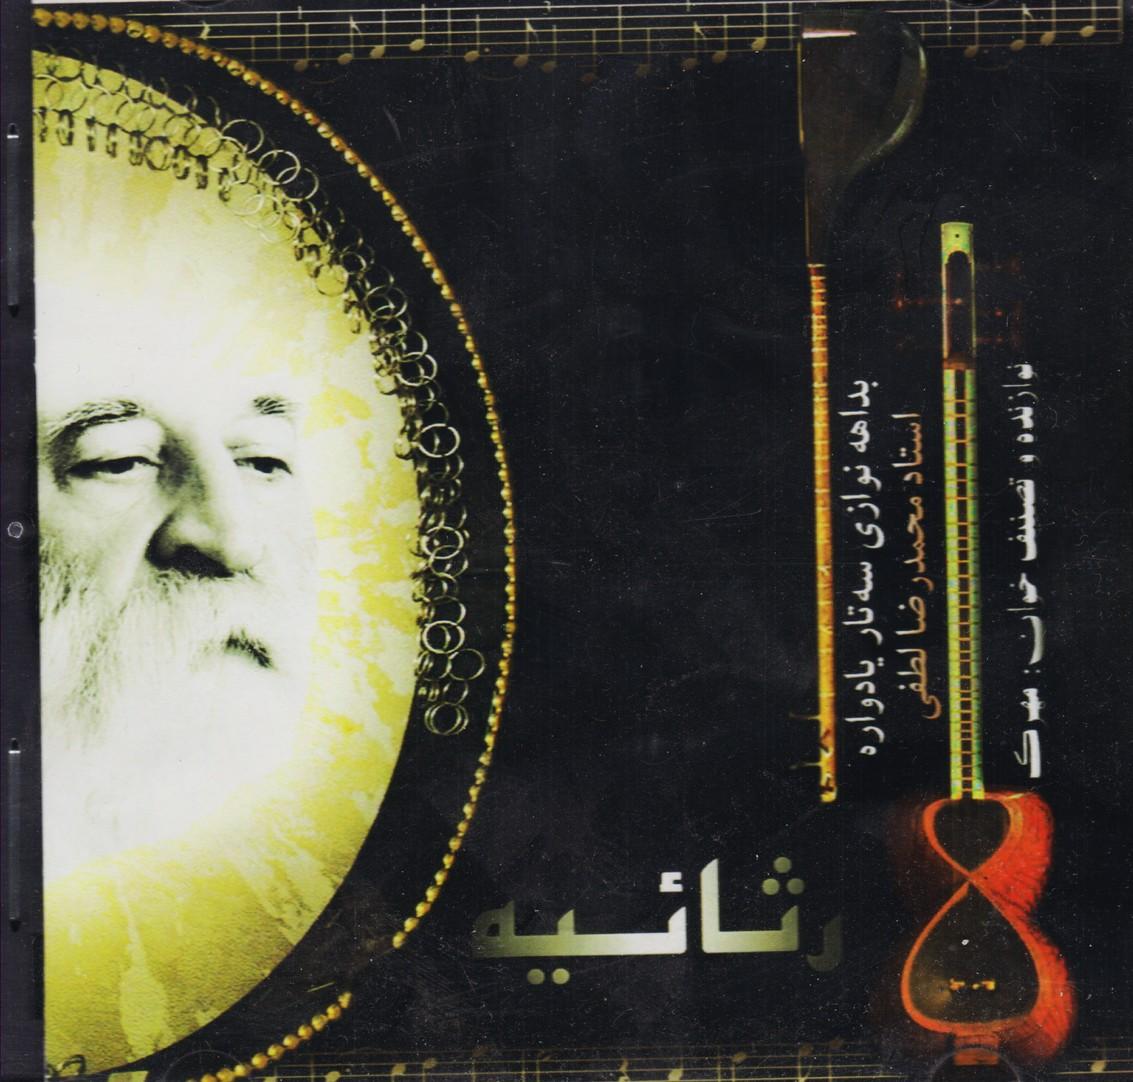 رثائیه ( بداهه نوازی سه تار  یادواره  استاد محمدرضا لطفی)